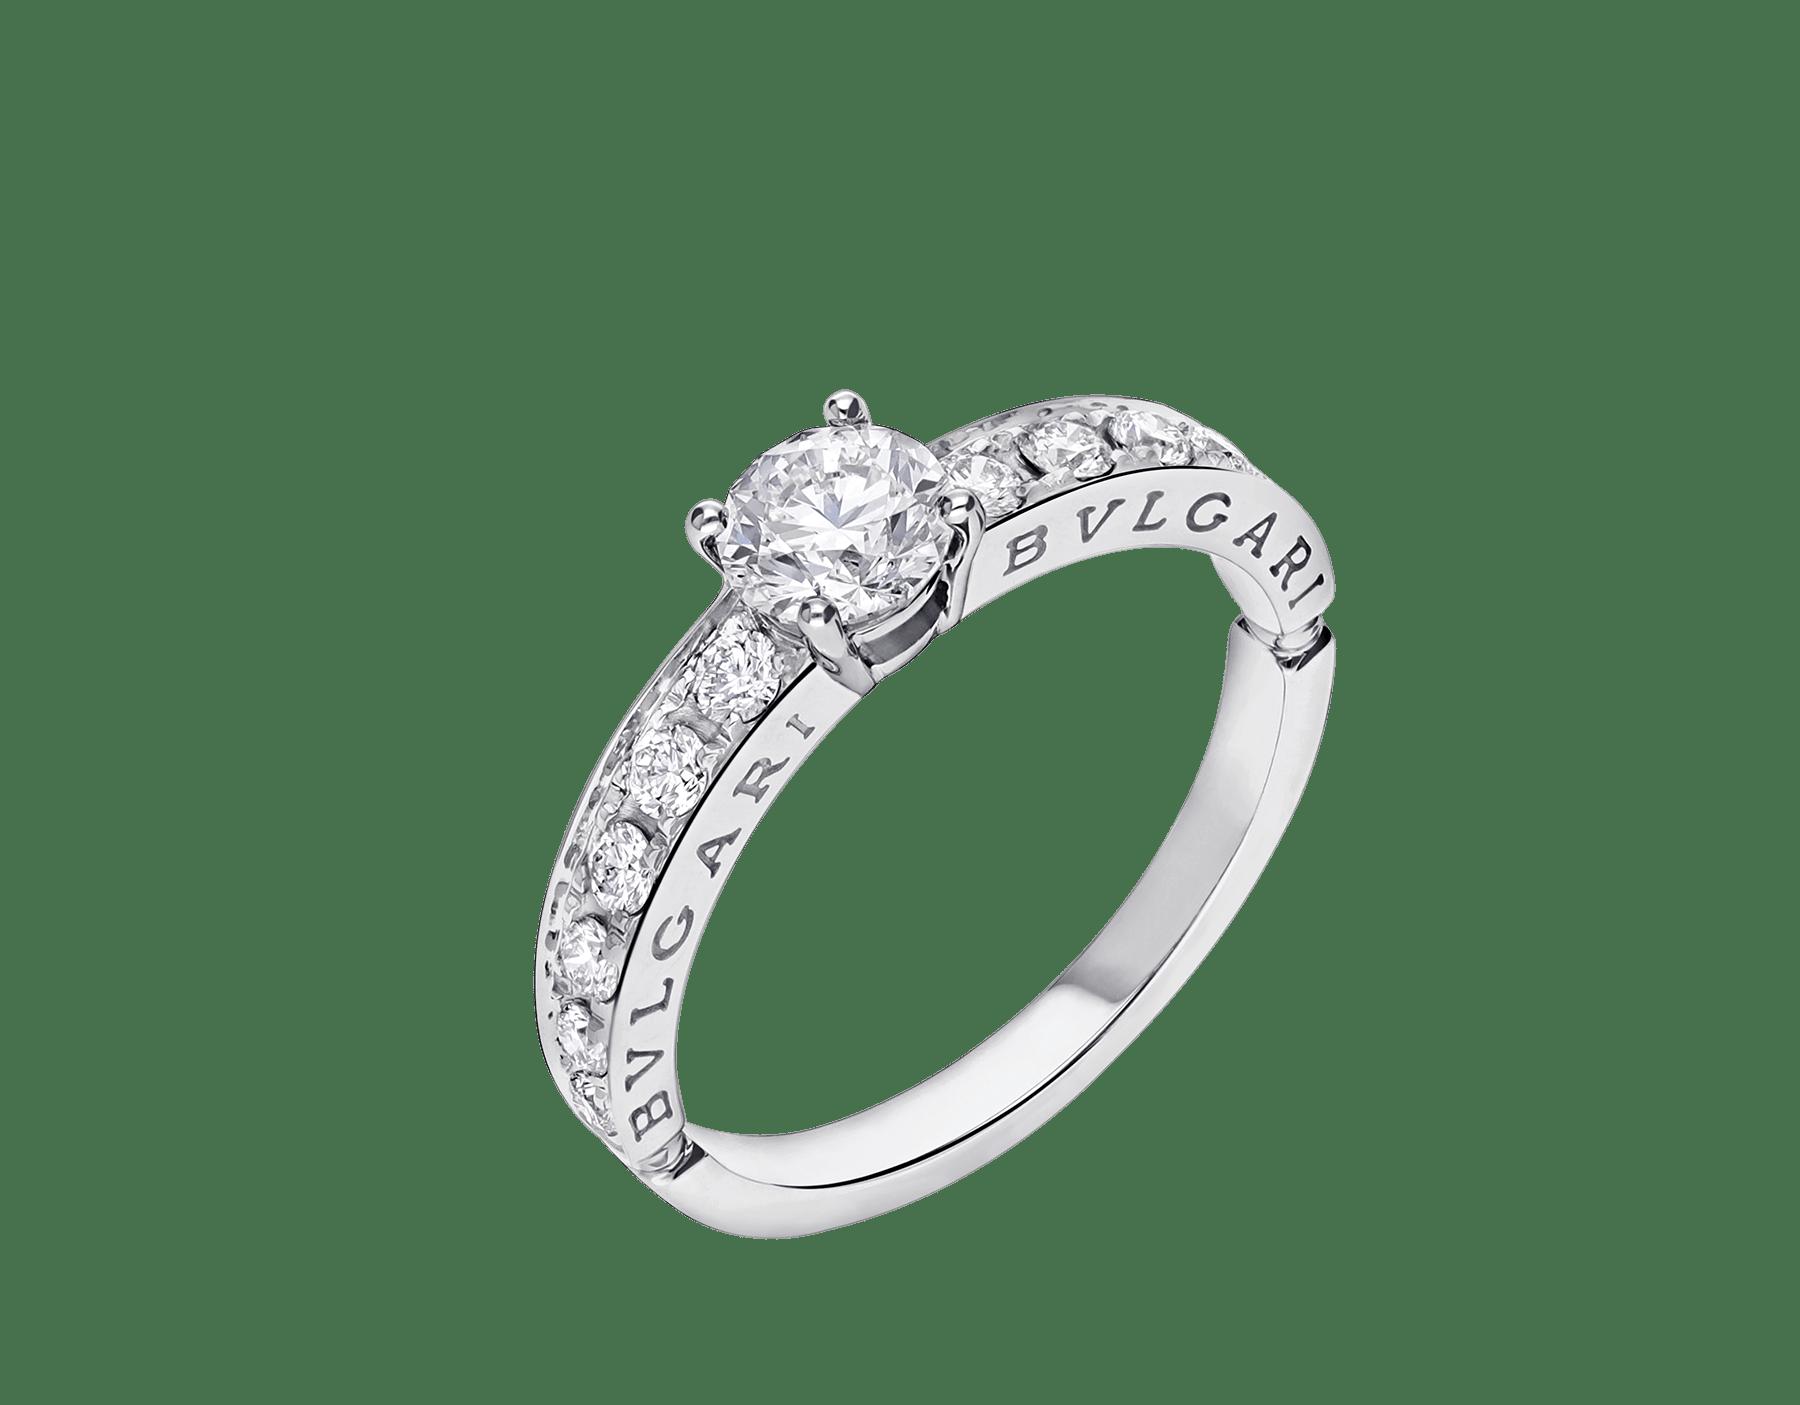 Anello 1503 – Dedicata a Venezia in platino con diamante tondo taglio brillante e pavé di diamanti. 343211 image 2